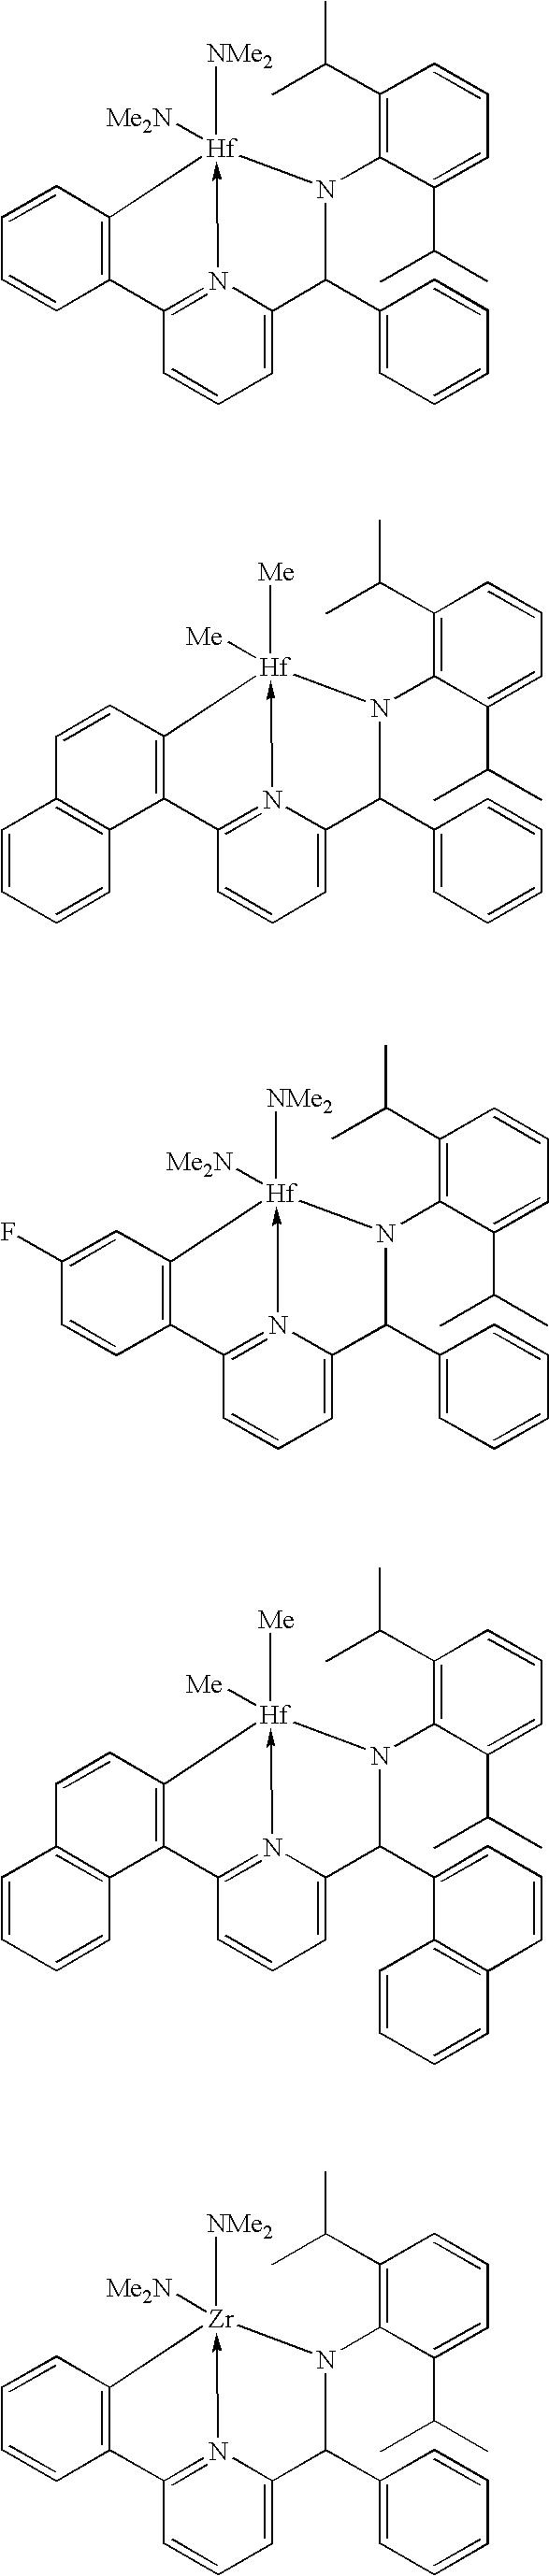 Figure US06900321-20050531-C00109